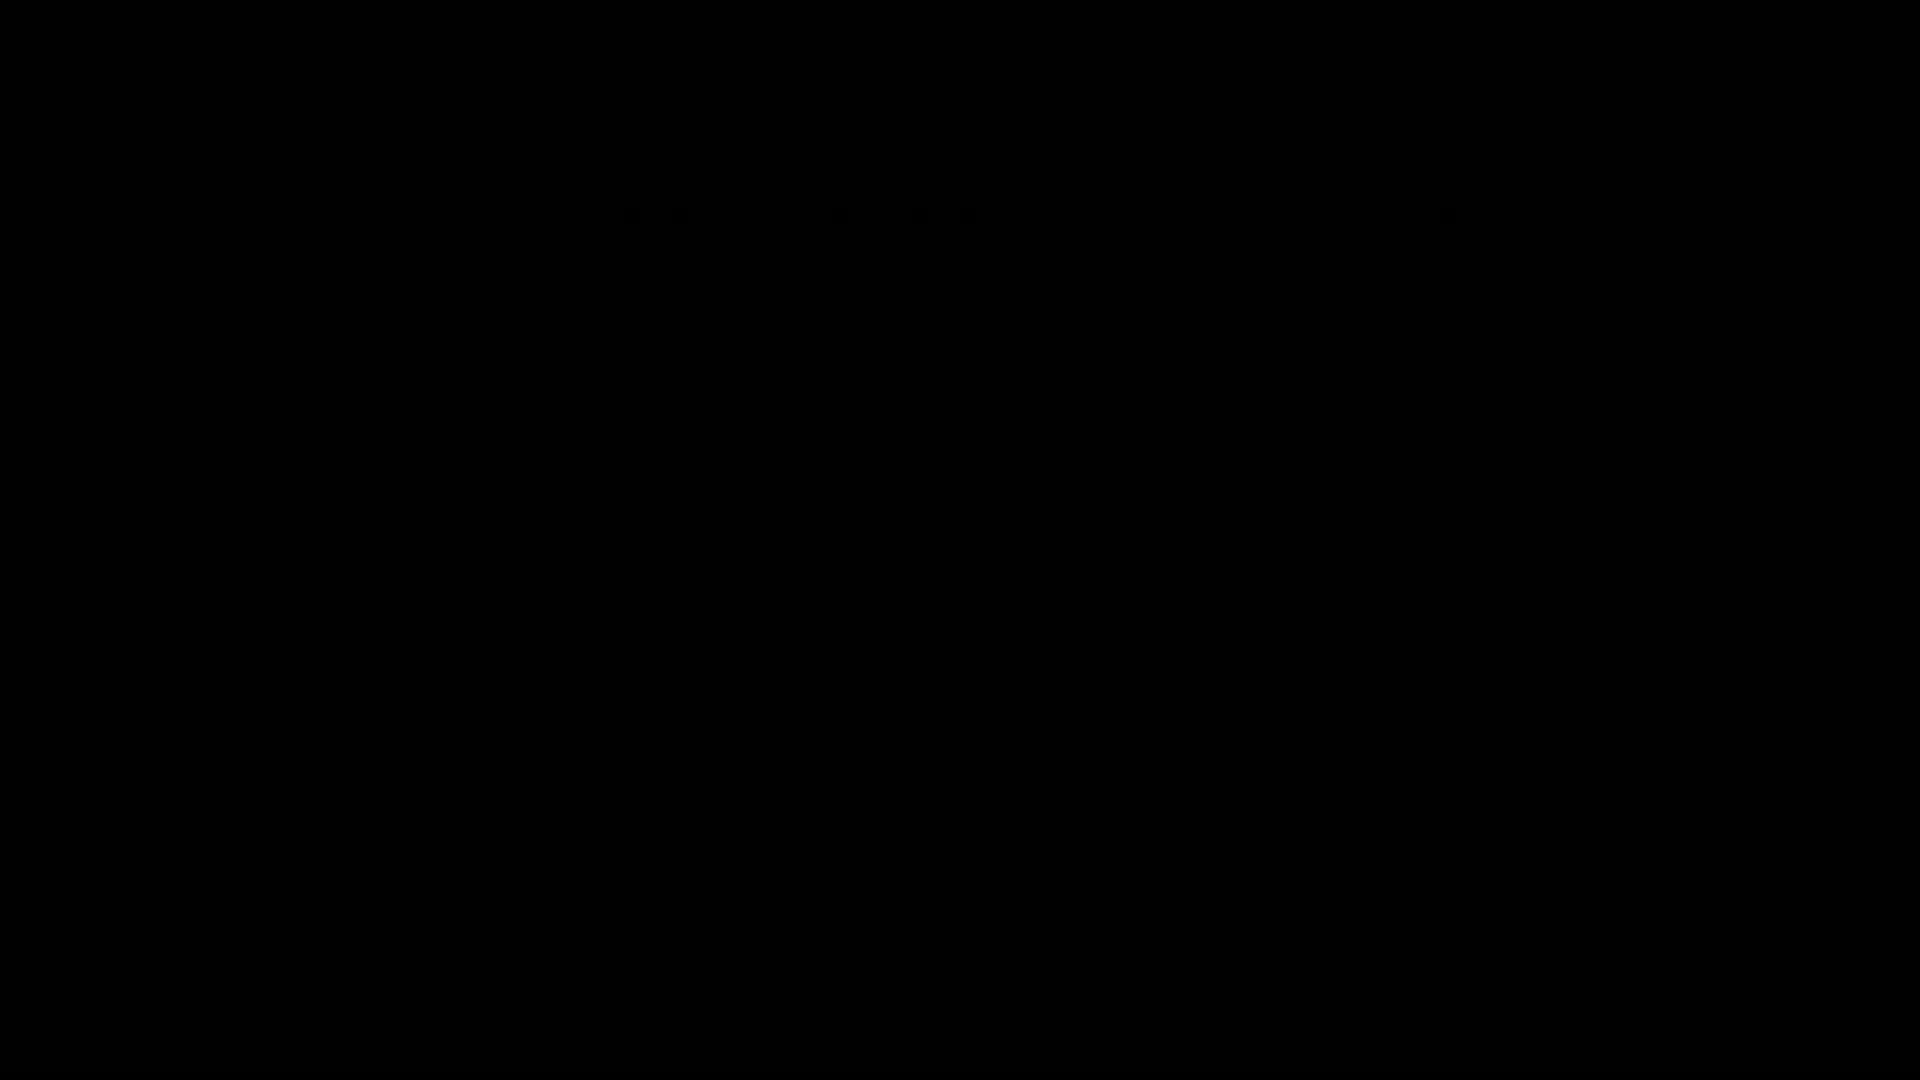 バツイチ独身女がAV出演に応募してきた件 - 高石おりえ【クンニ フェラ イマラ バック 騎乗位 背面騎乗位 中出し】